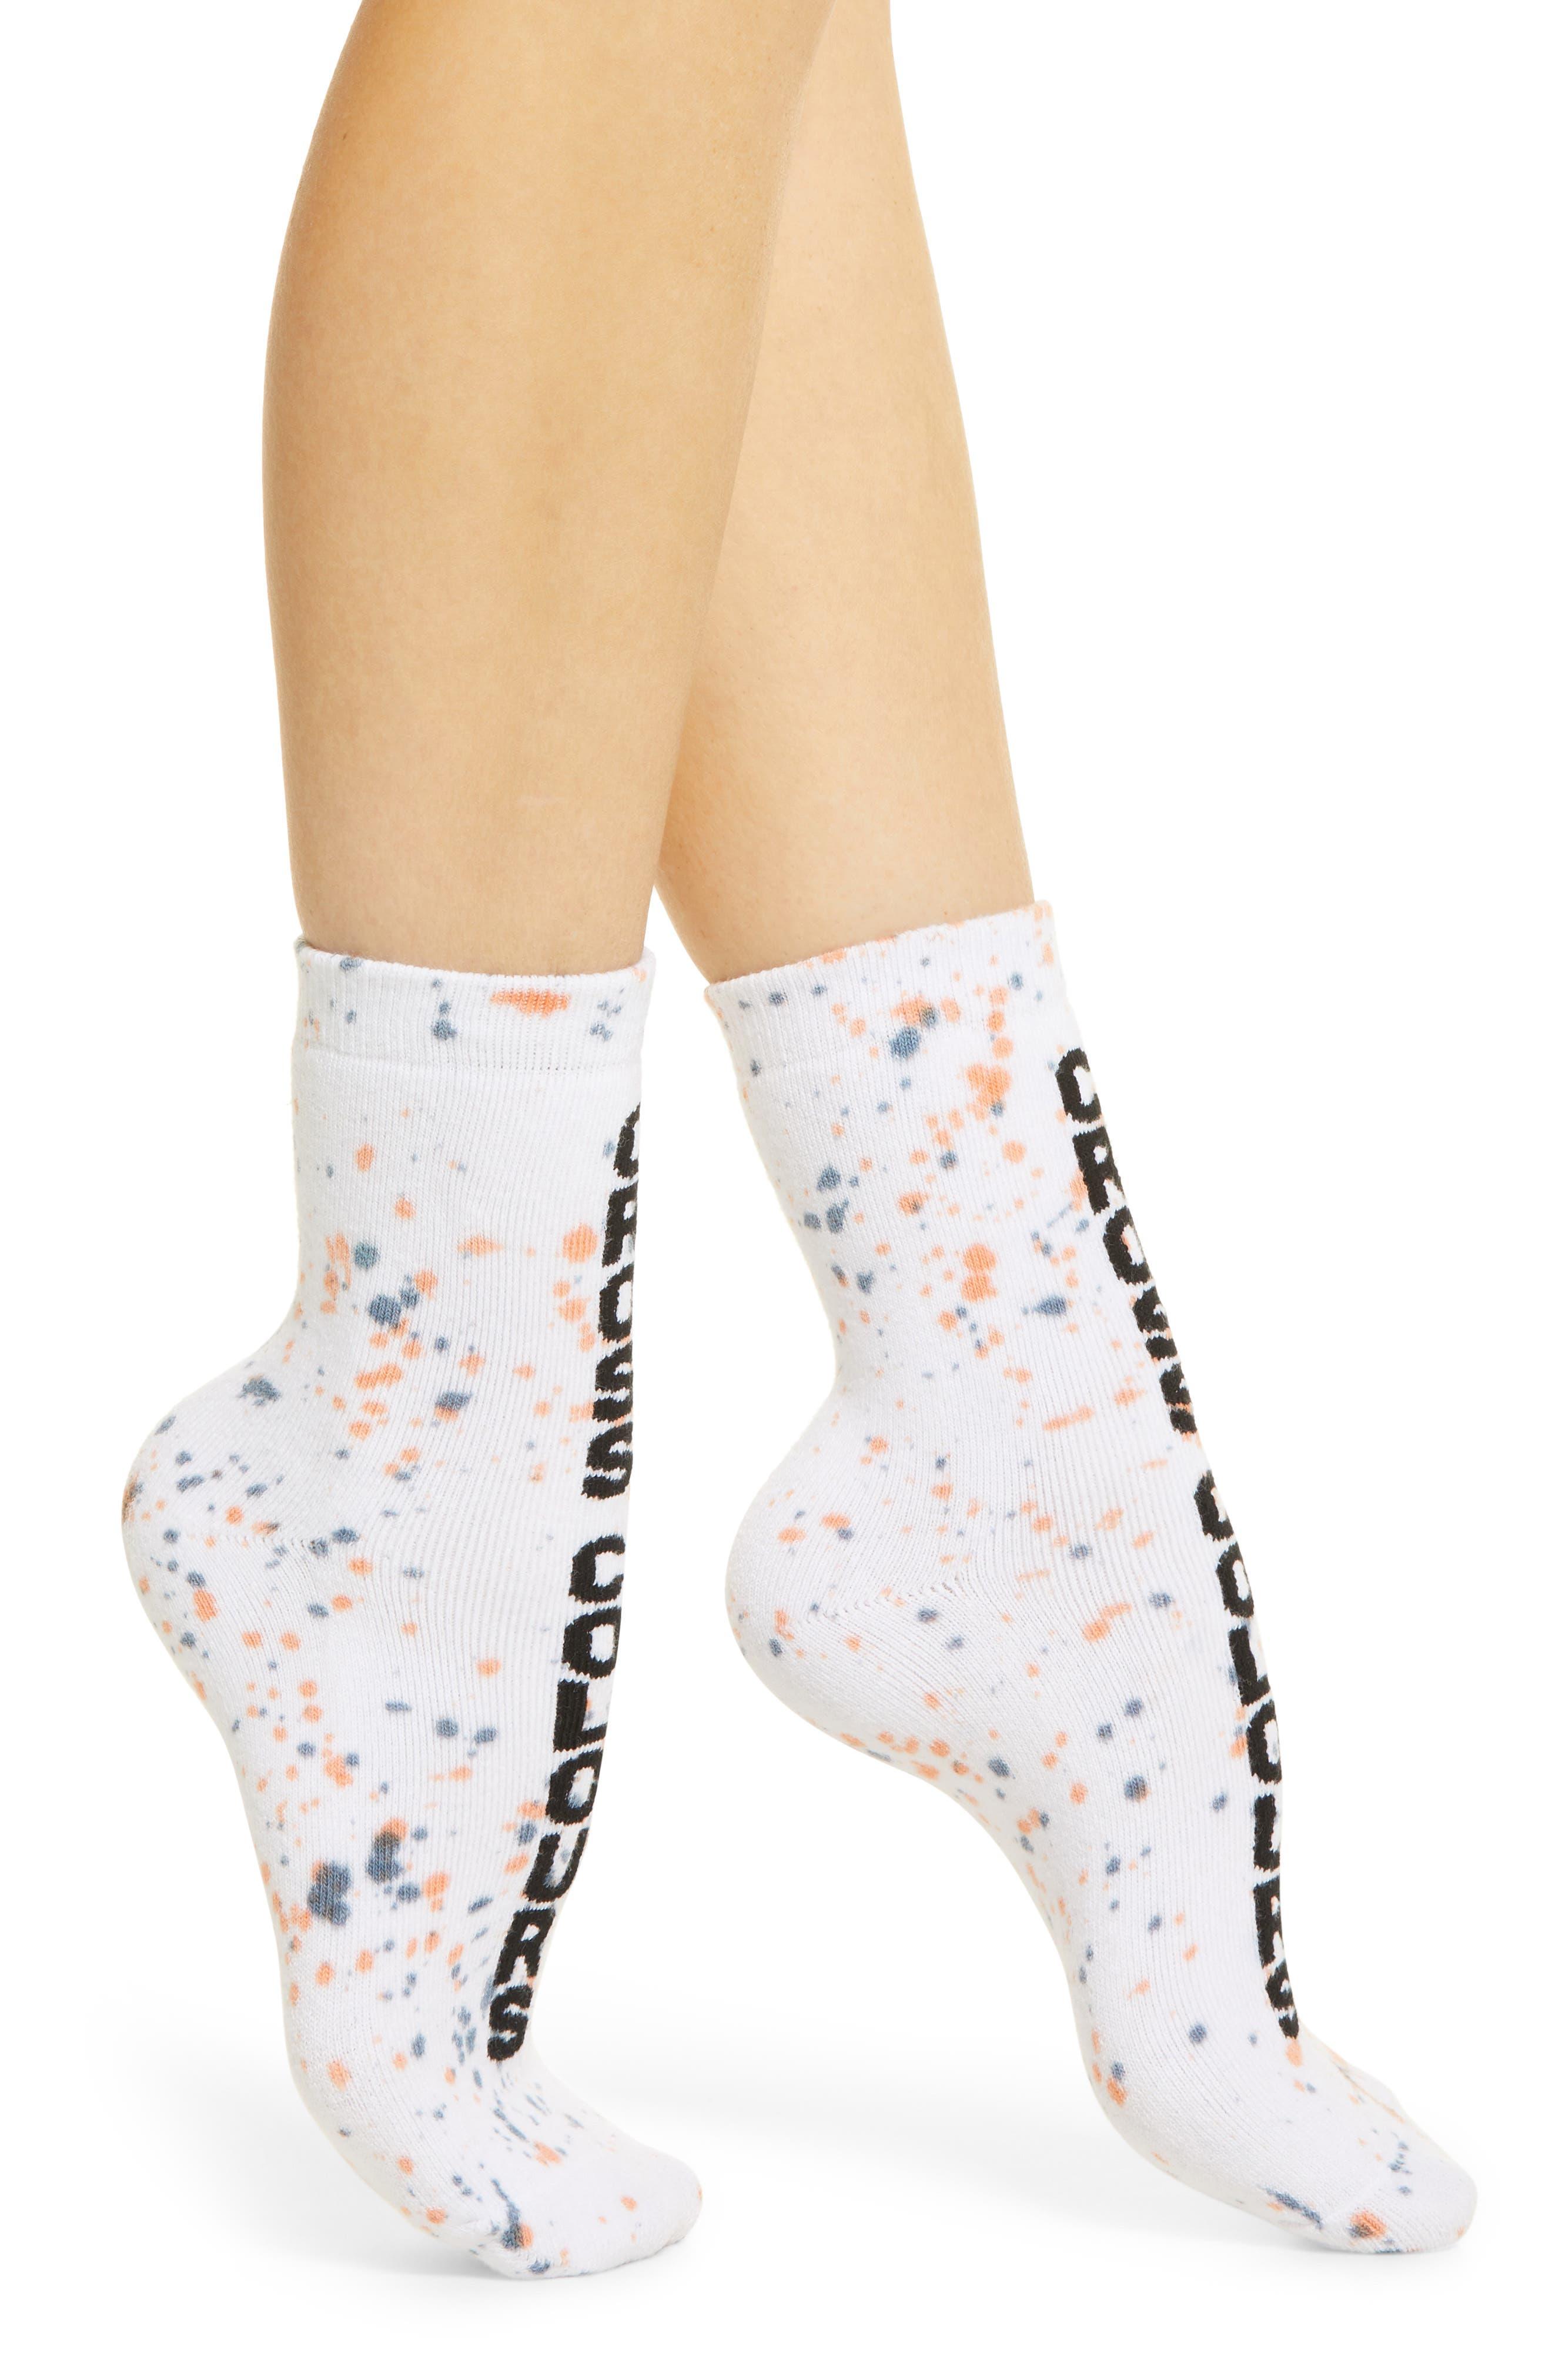 Cxc Crew Socks